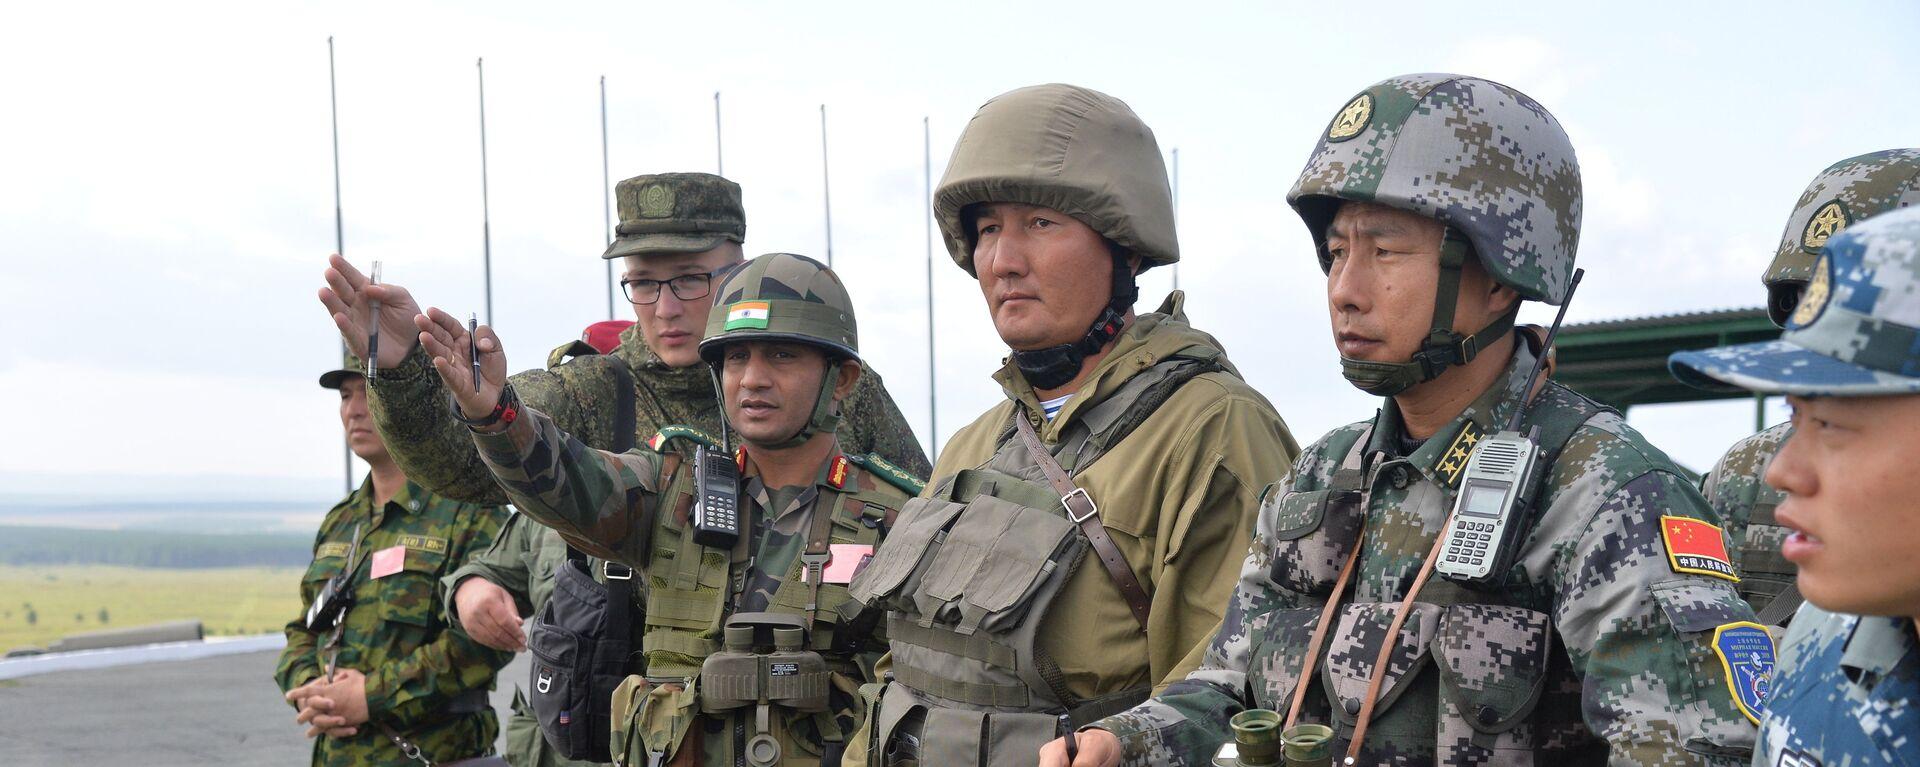 Ejercicios antiterroristas conjuntos de la Organización de Cooperación de Shanghái (OCS) Misión de Paz 2018 - Sputnik Mundo, 1920, 24.09.2021